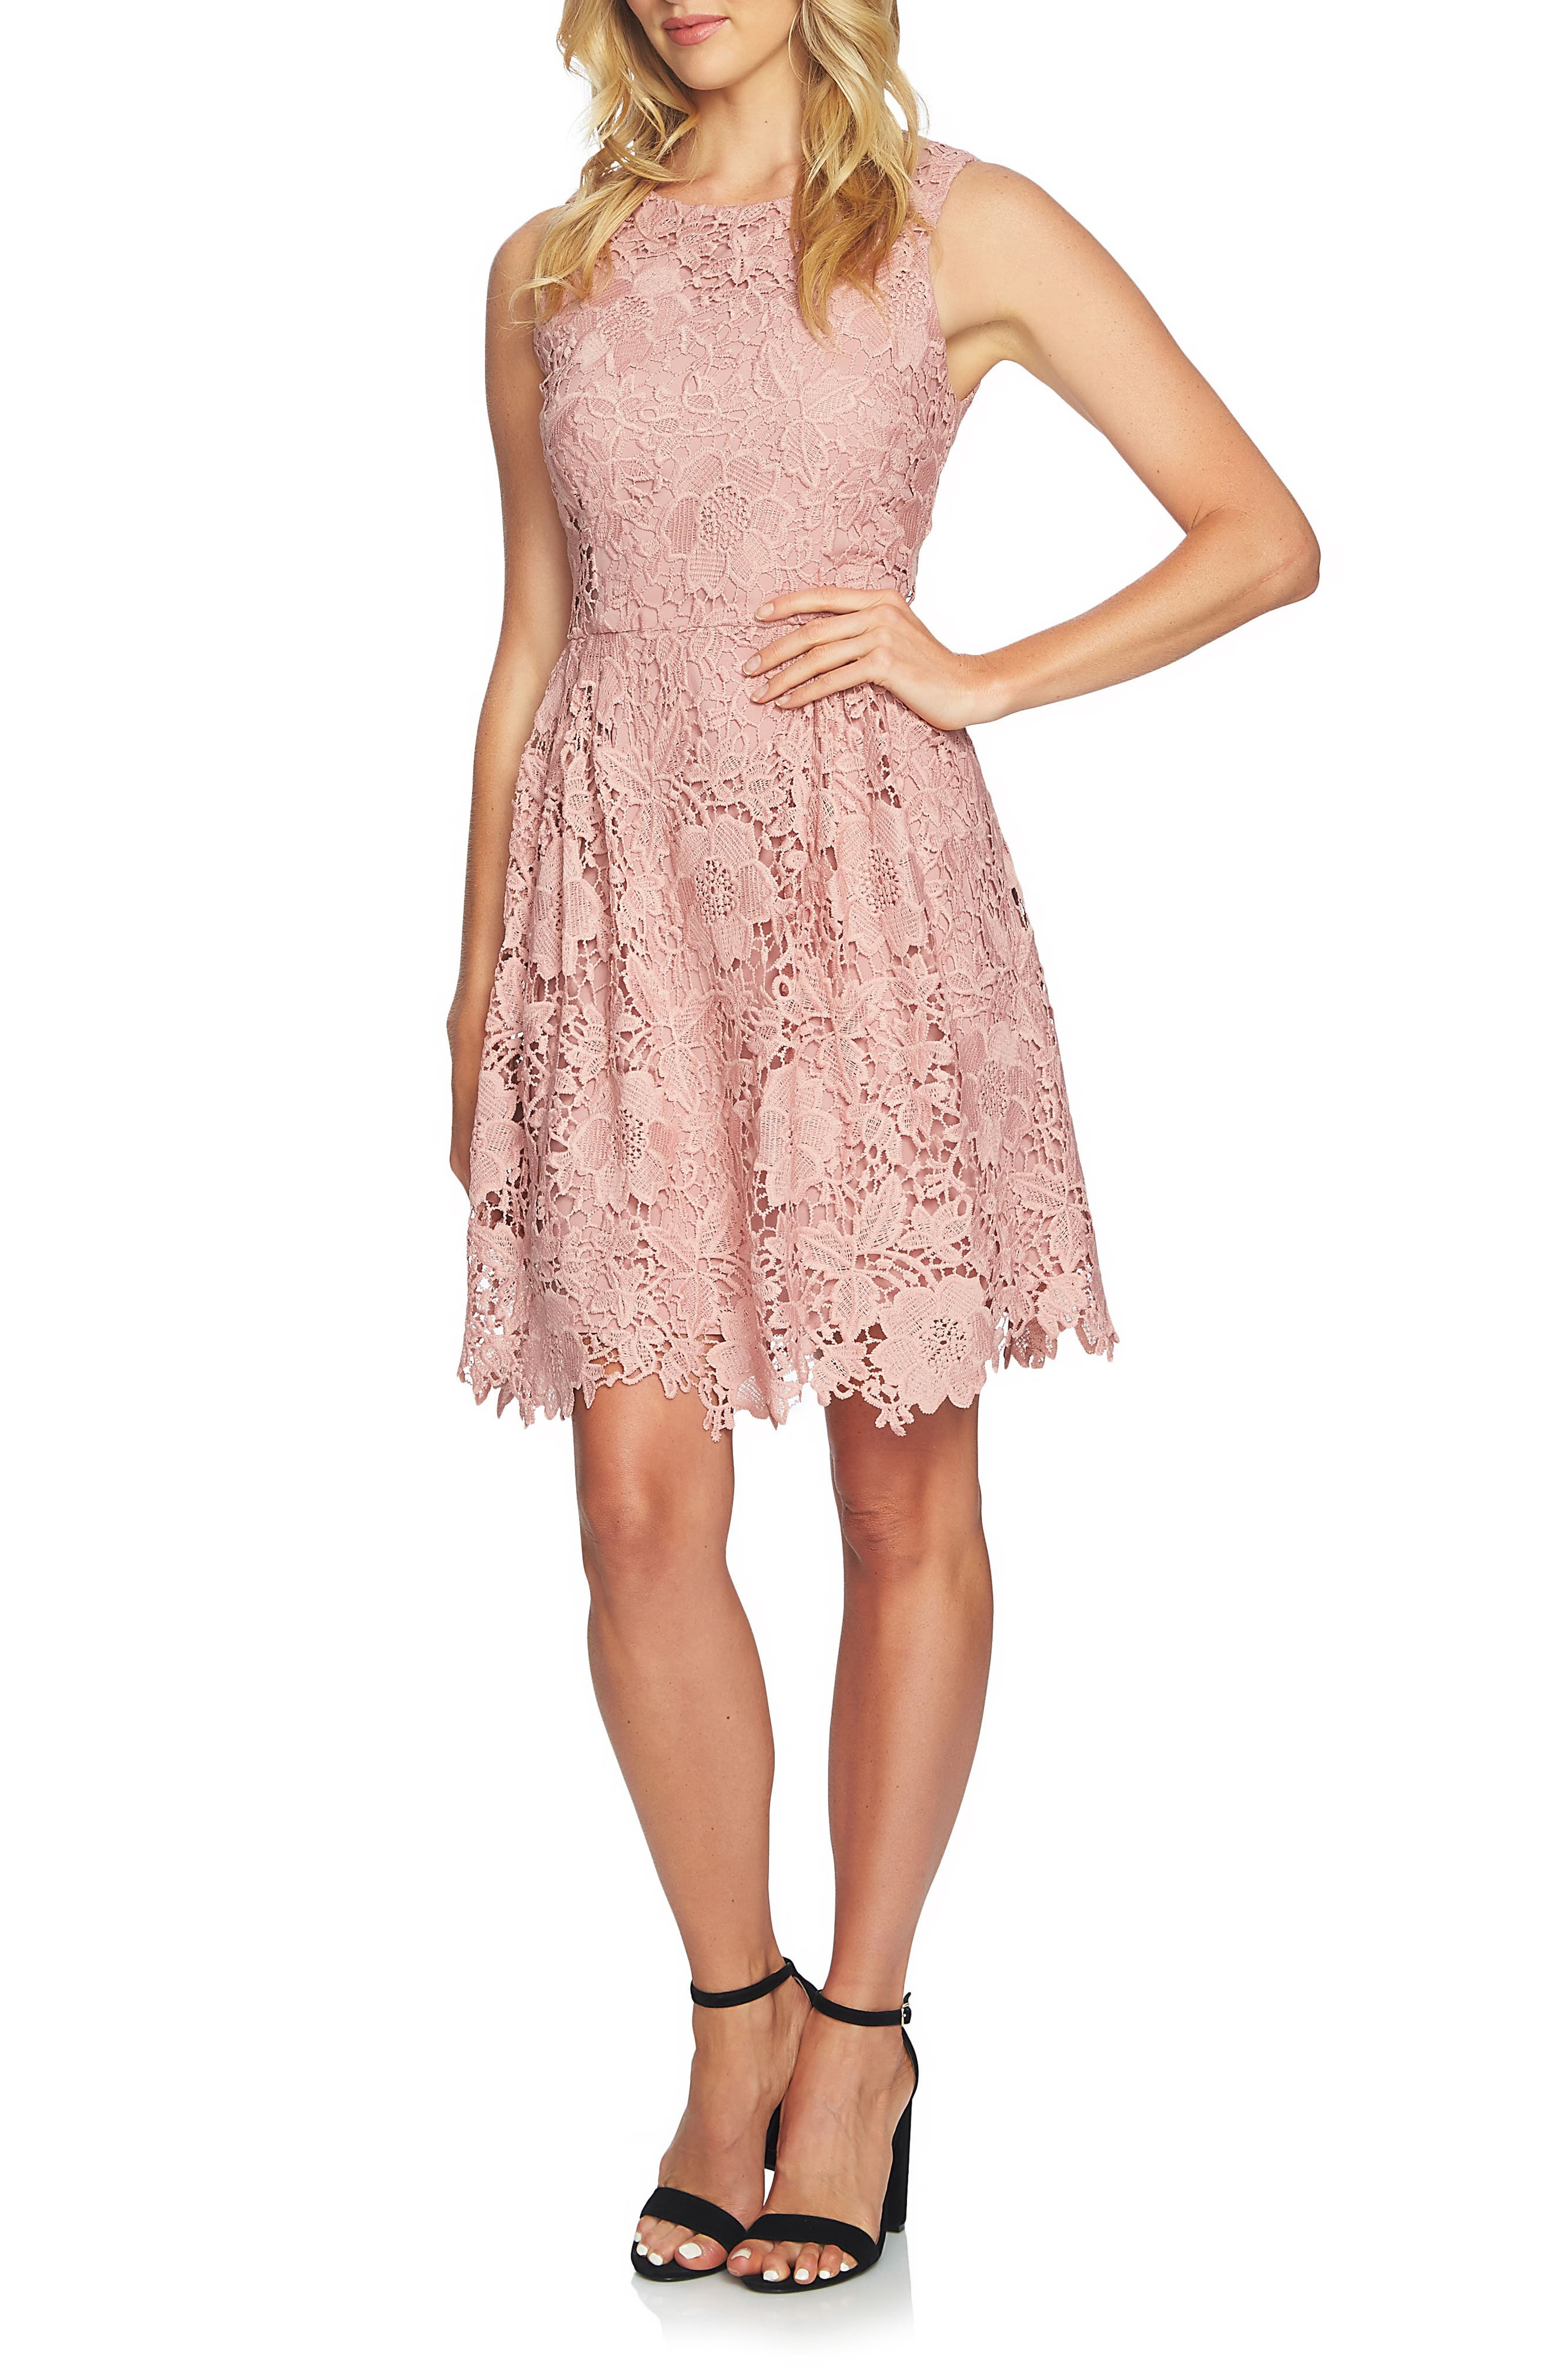 CeCe Claiborne Lace A-Line Dress